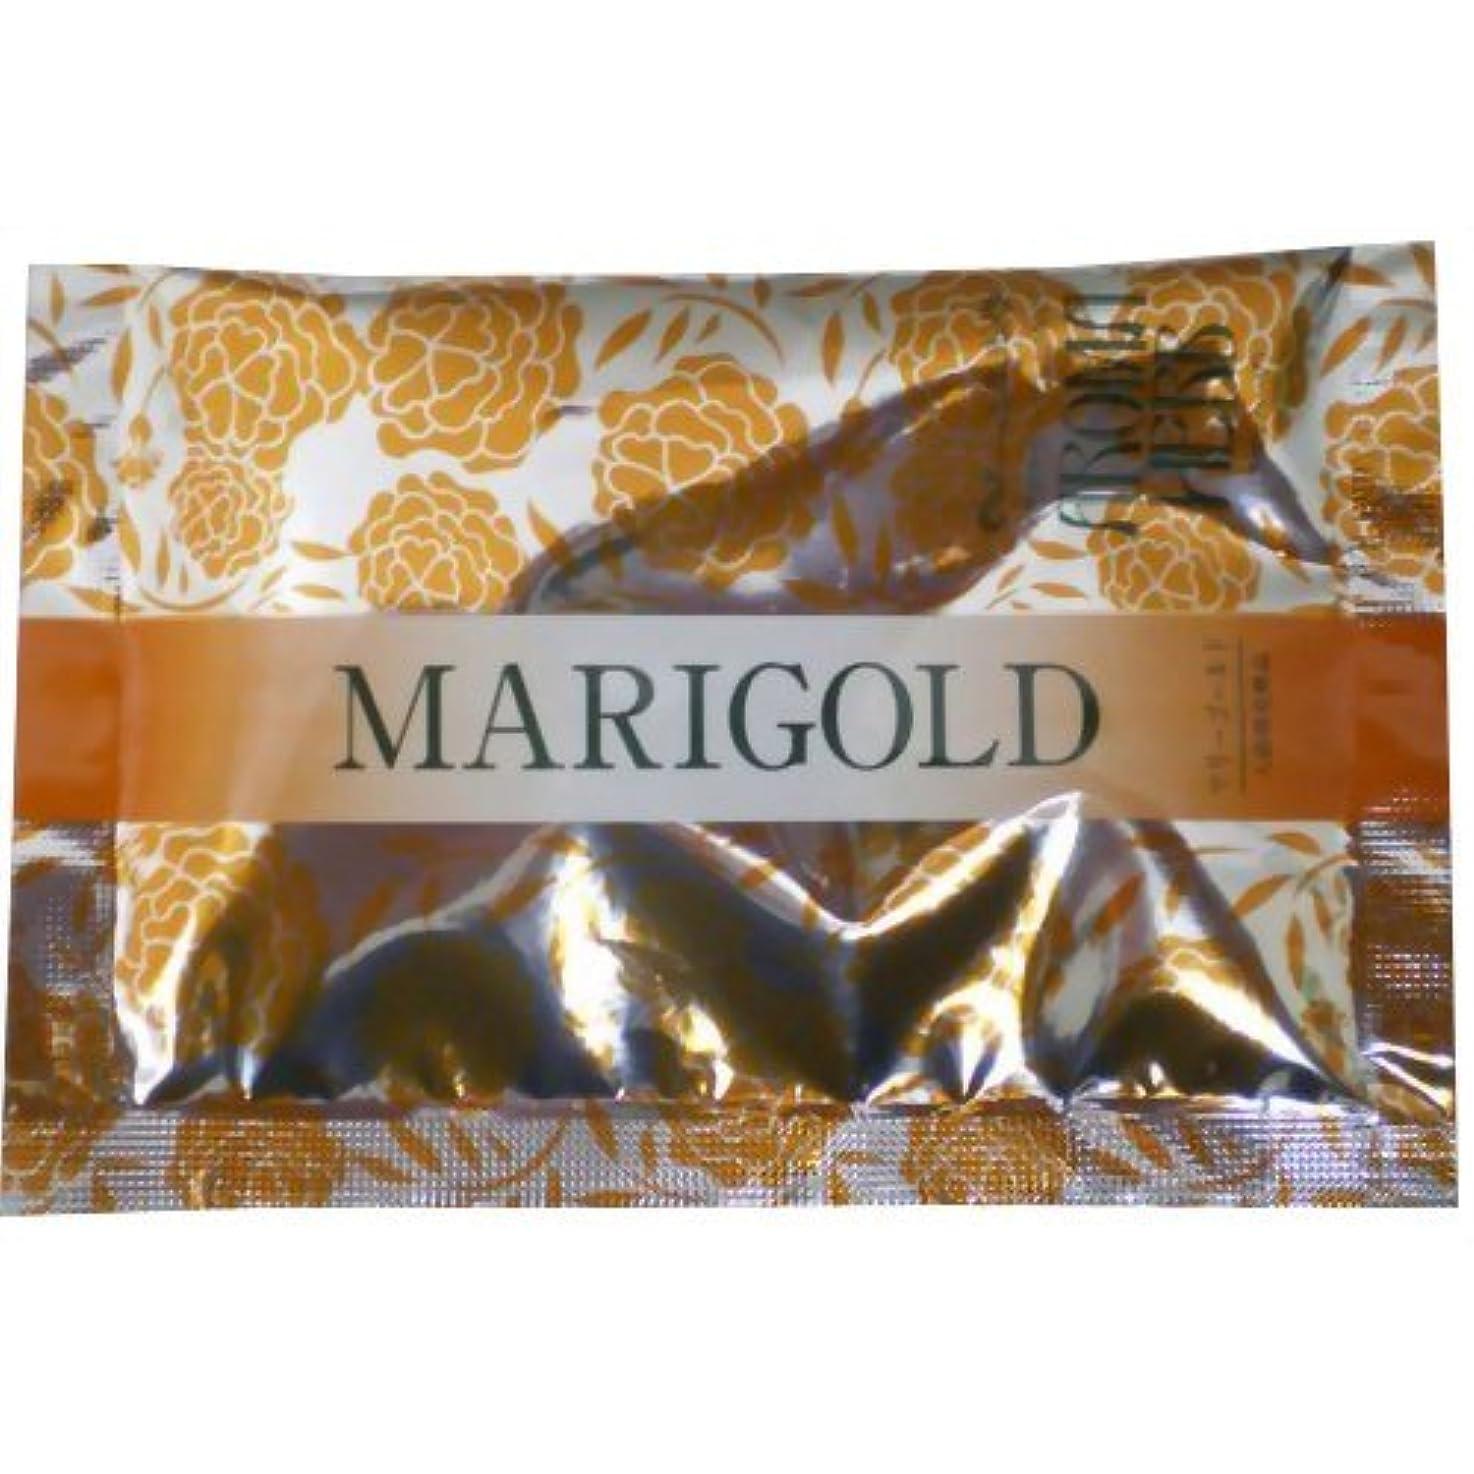 受け入れる正確にアルカイックアロマハーブ 香りの物語入浴剤 マリーゴールド(入浴剤 ハーブ)